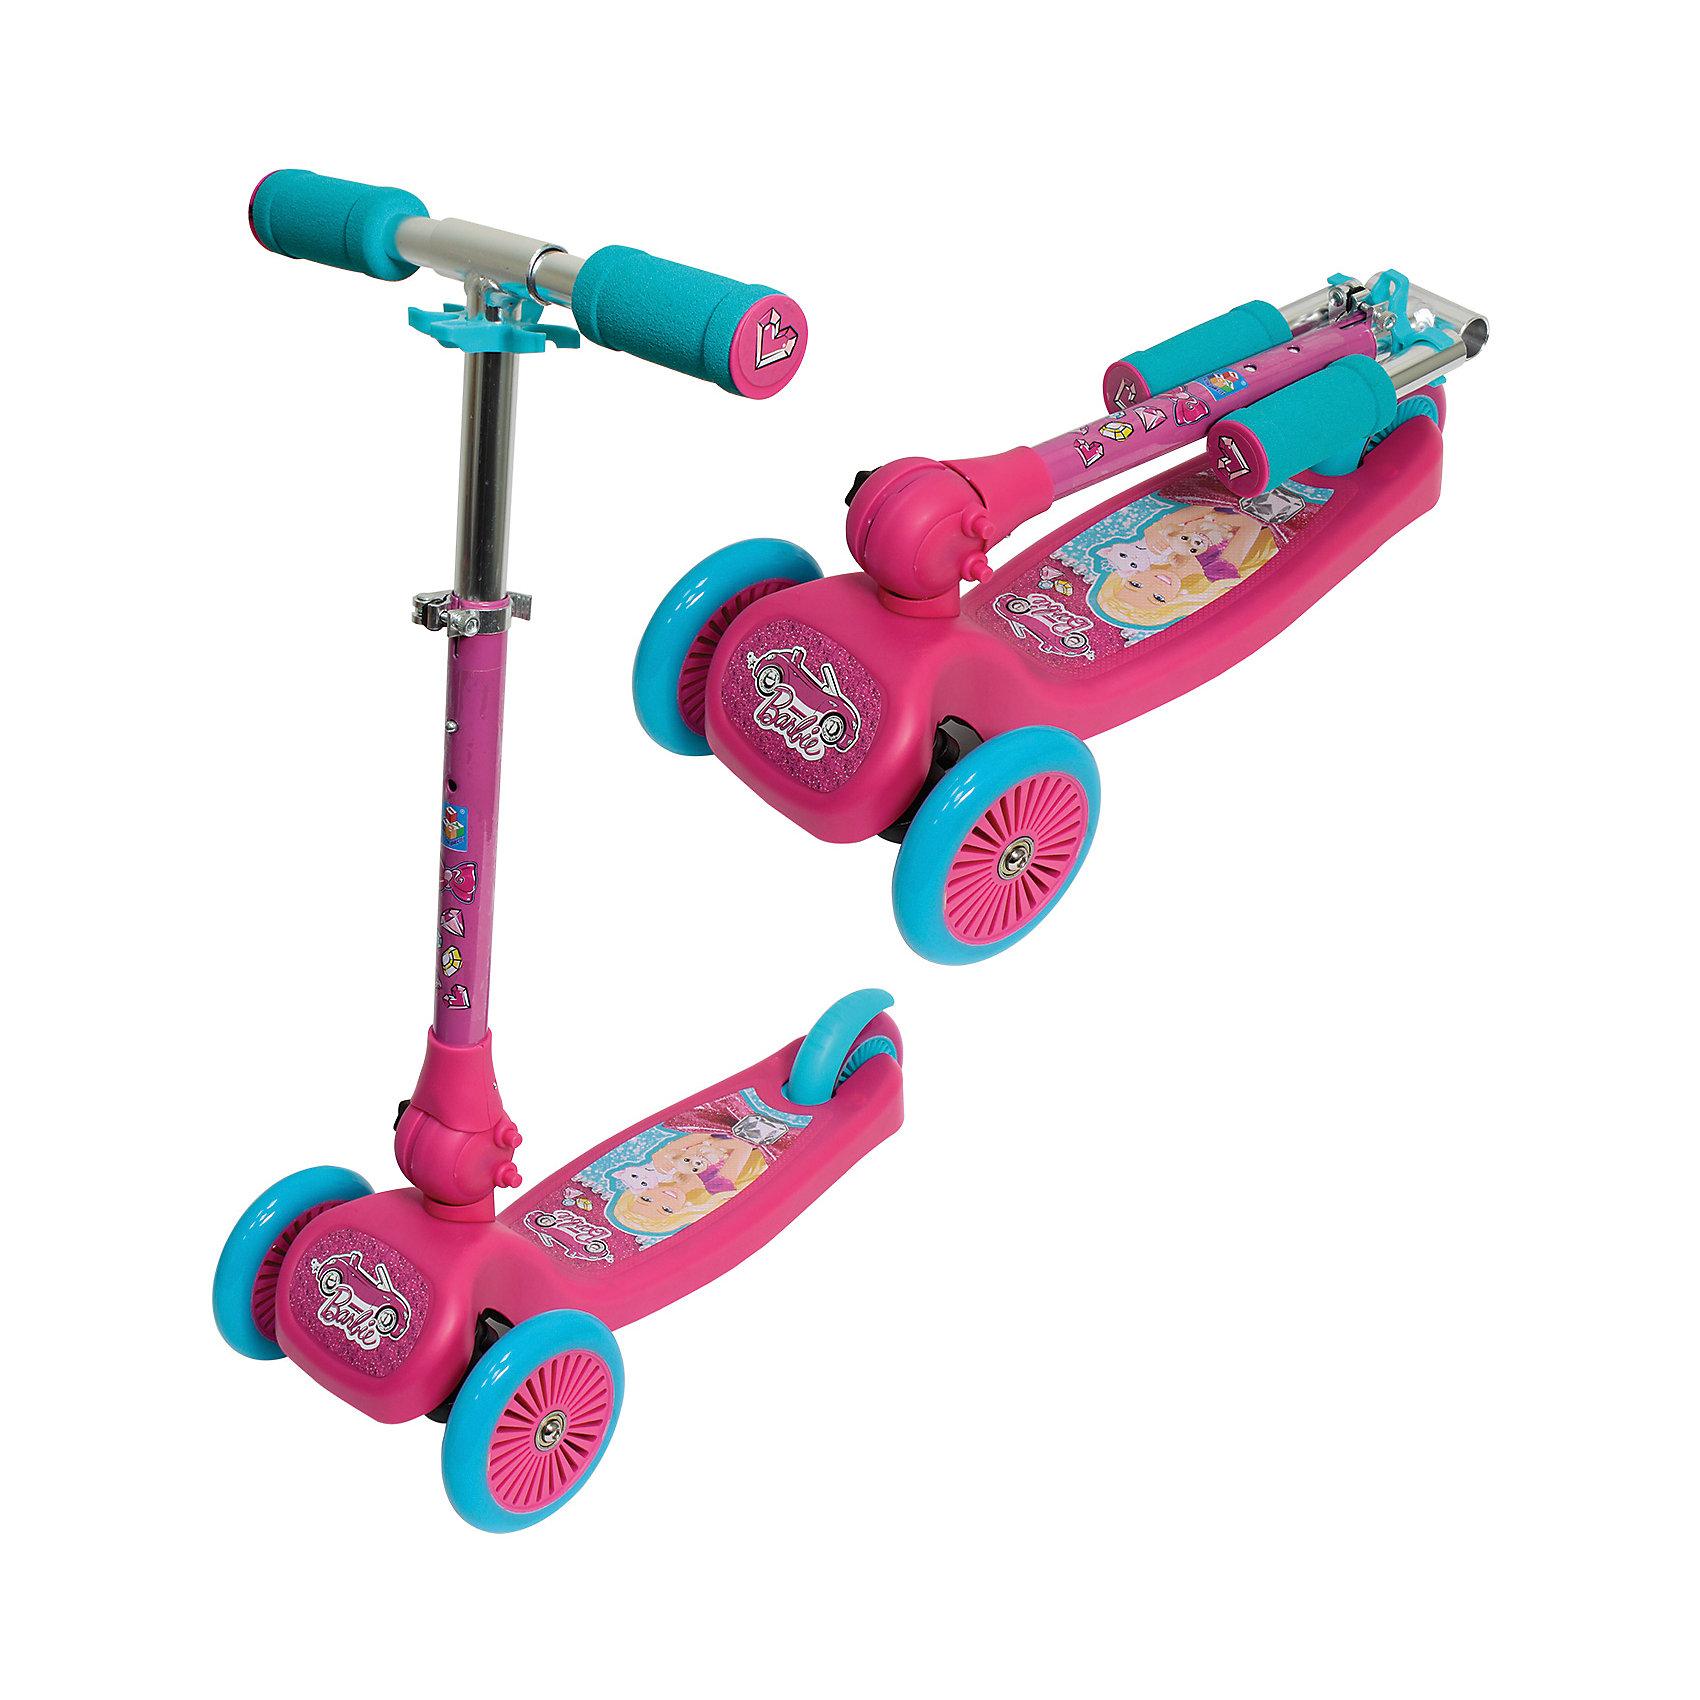 Самокат Barbie, 1ToyСамокат Barbie, 1Toy – прочный, комфортный и легкий в транспортировке самокат, который понравится вашему ребенку.<br>Трехколесный складной самокат Barbie 1Toy предназначен для катания самых маленьких райдеров. Вес самоката составляет всего 2,4 кг, поэтому пользоваться им могут даже малыши. Самокат состоит из алюминиевой рамы с пластиковой платформой, полиуретановых колёс и складного Т-образного руля с большими мягкими ручками. Высокую устойчивость самоката обеспечивают два больших колеса спереди и одно маленькое сзади. Управление самокатом производится путём наклона ручки руля влево или вправо (уникальная запатентованная система). Ребёнку достаточно отклонить ручку влево, чтобы самокат повернул налево и, соответственно, вправо для поворота направо. К тому же, руль регулируется по высоте, что позволяет подстроить его под рост ребёнка. А чтобы остановиться - достаточно всего лишь нажать ногой на расположенный сзади ножной тормоз в виде заднего крыла. Особенностью этой модели по отношению к аналогам является система складывания, благодаря которой самокат легко переносить, а при хранении он занимает мало места.<br><br>Дополнительная информация:<br><br>- Для детей от 3 лет<br>- Материал: металл, пластмасса, полиуретан<br>- Цвет: розовый, голубой<br>- Максимальная нагрузка: 20 кг.<br>- Размер самоката: 50х21,5х52 см.<br>- Размер в сложенном виде: 50х21,5х20 см.<br>- Диаметр передних колёс: 12 см.<br>- Диаметр заднего колеса: 10 см.<br>- Ширина колёс: 2,3 см.<br>- Высота руля: от 52 до 63,5 см.<br>- Ширина руля: 33,5 см.<br>- Размеры платформы: 23х12,5 см.<br>- Расстояние от земли до платформы: 6 см.<br>- Вес самоката: 2,4 кг.<br><br>Самокат Barbie, 1Toy можно купить в нашем интернет-магазине.<br><br>Ширина мм: 500<br>Глубина мм: 140<br>Высота мм: 250<br>Вес г: 3050<br>Возраст от месяцев: 36<br>Возраст до месяцев: 84<br>Пол: Женский<br>Возраст: Детский<br>SKU: 4655171